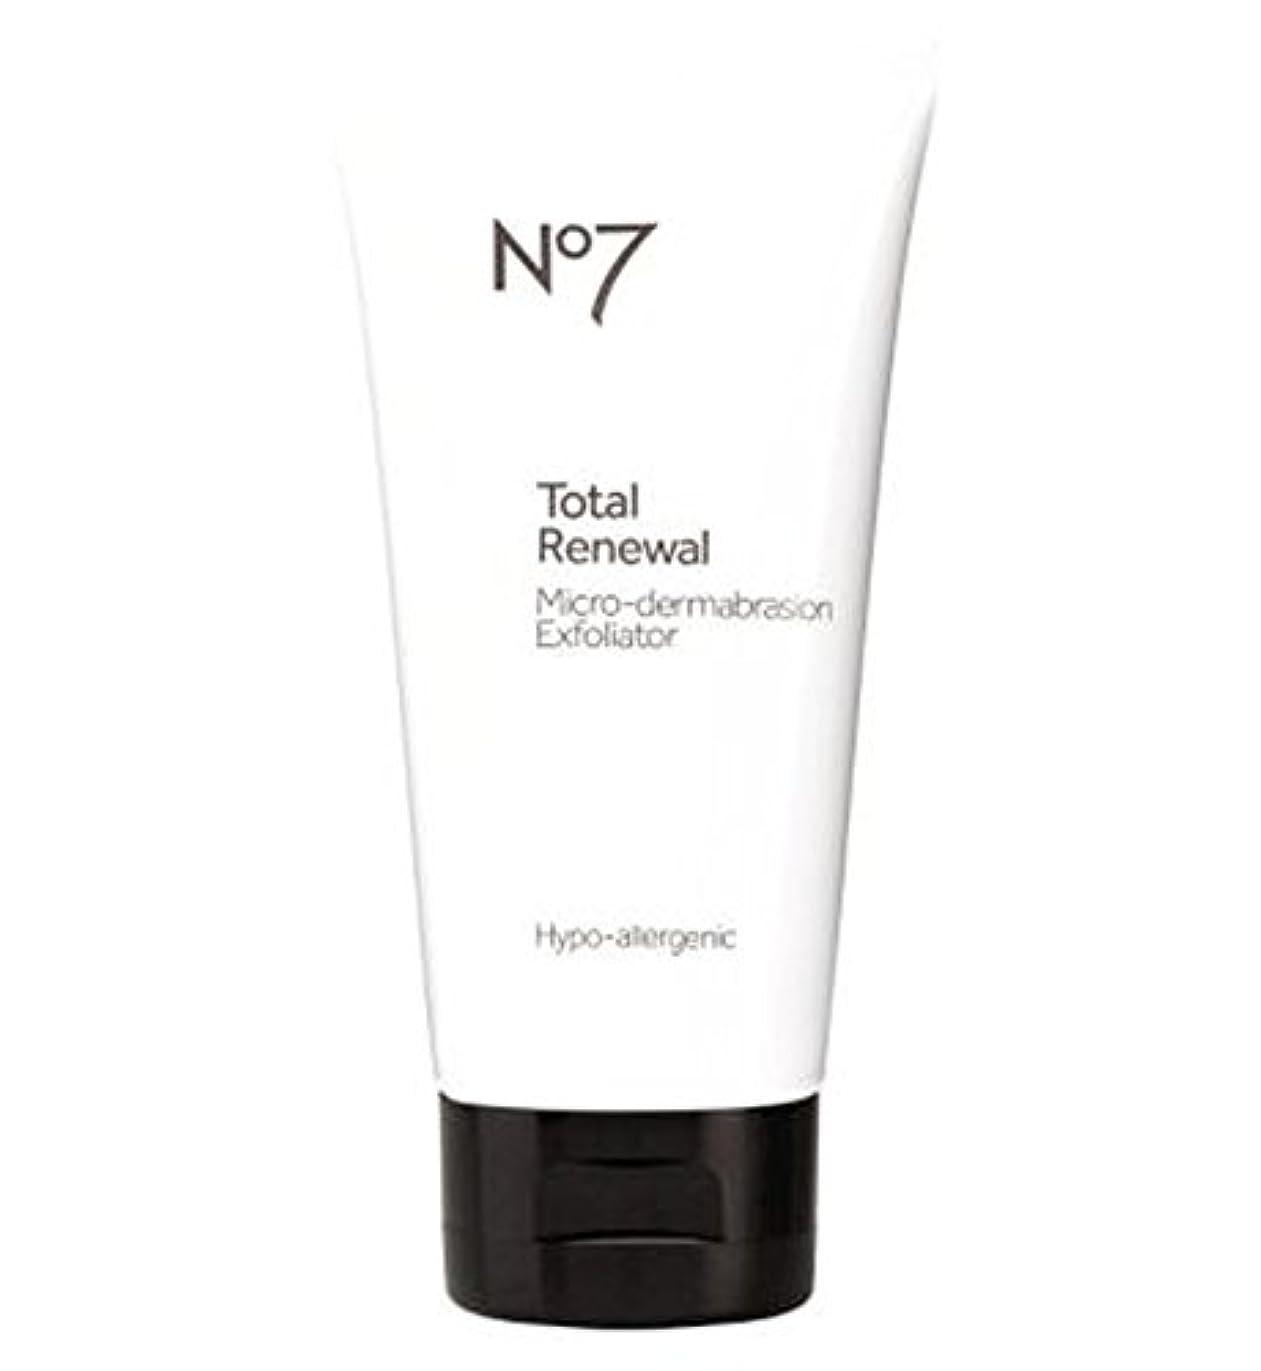 キャプテンスリーブ傀儡No7 Total Renewal Micro-dermabrasion Face Exfoliator - No7総リニューアルマイクロ皮膚剥離面エクスフォリエーター (No7) [並行輸入品]